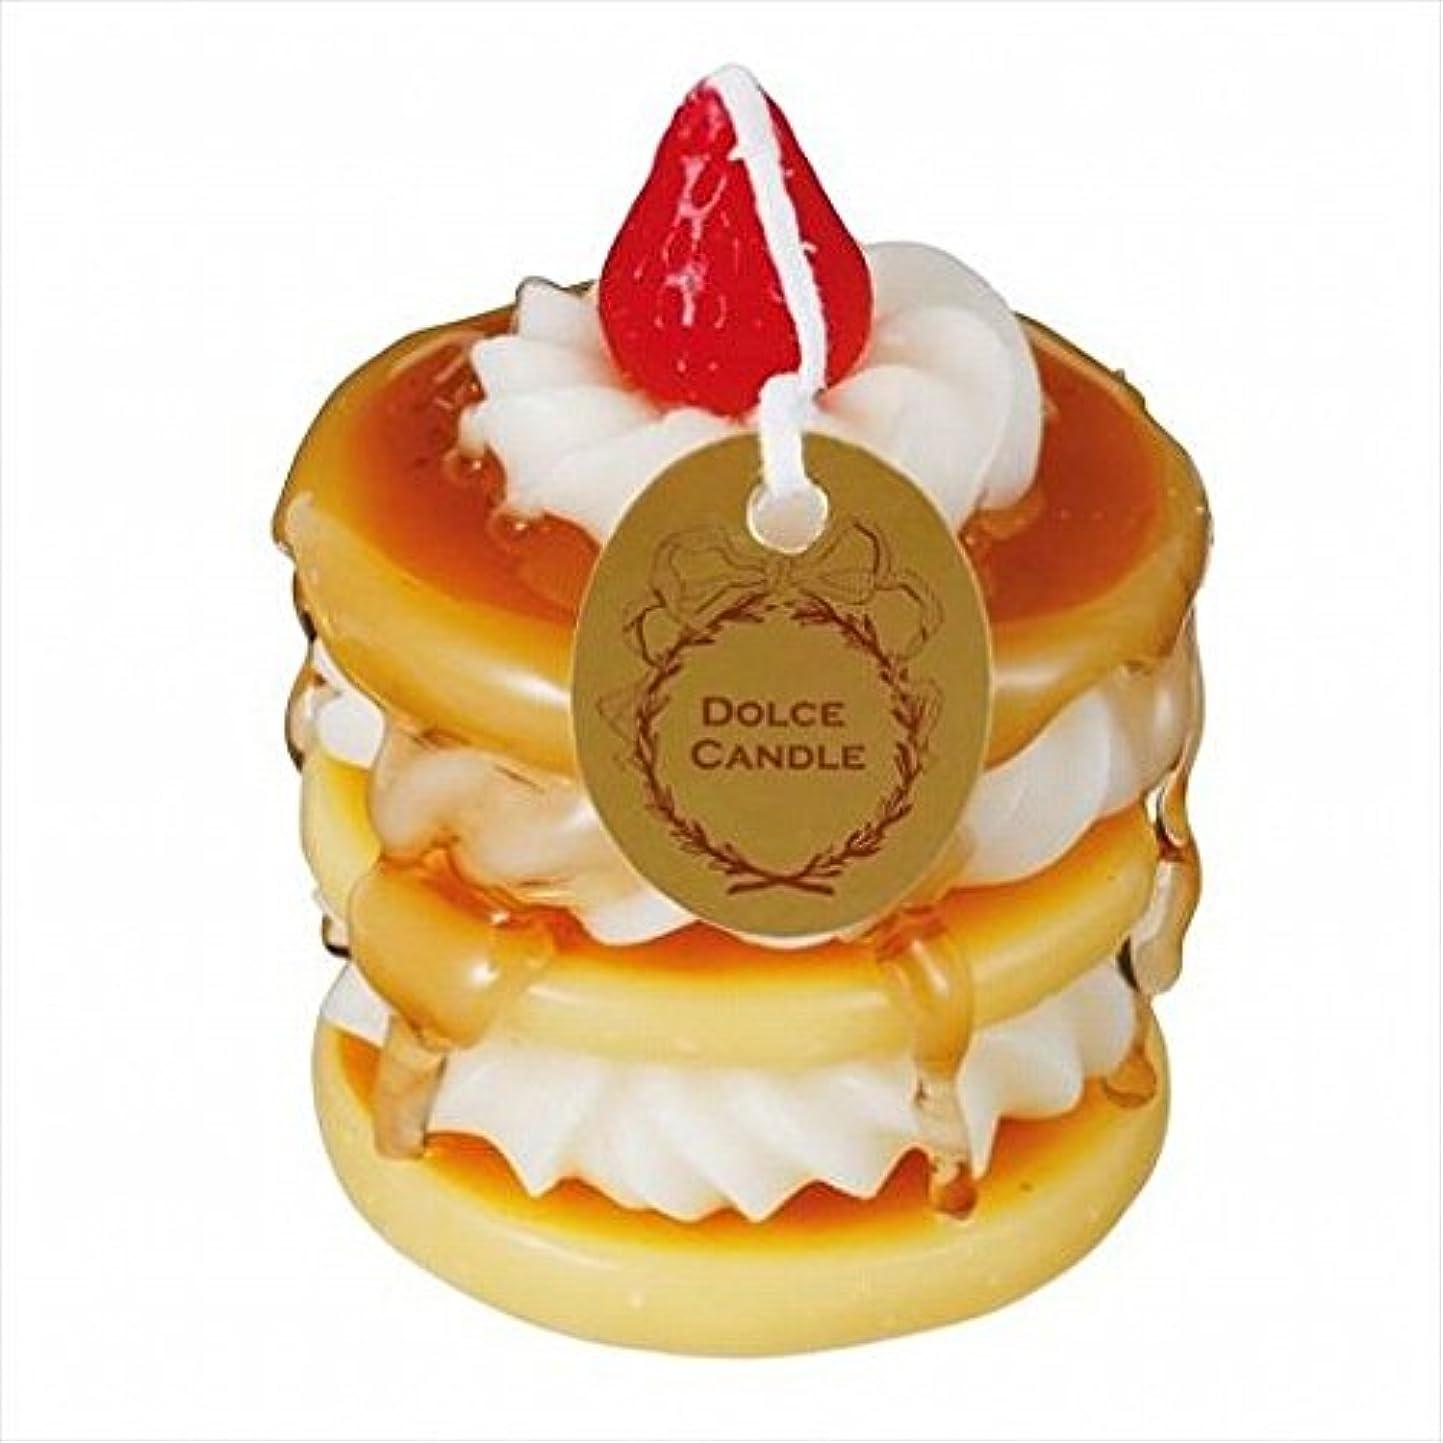 以内に法医学止まるsweets candle(スイーツキャンドル) ドルチェキャンドル 「 パンケーキ 」 キャンドル 56x56x80mm (A4340550)